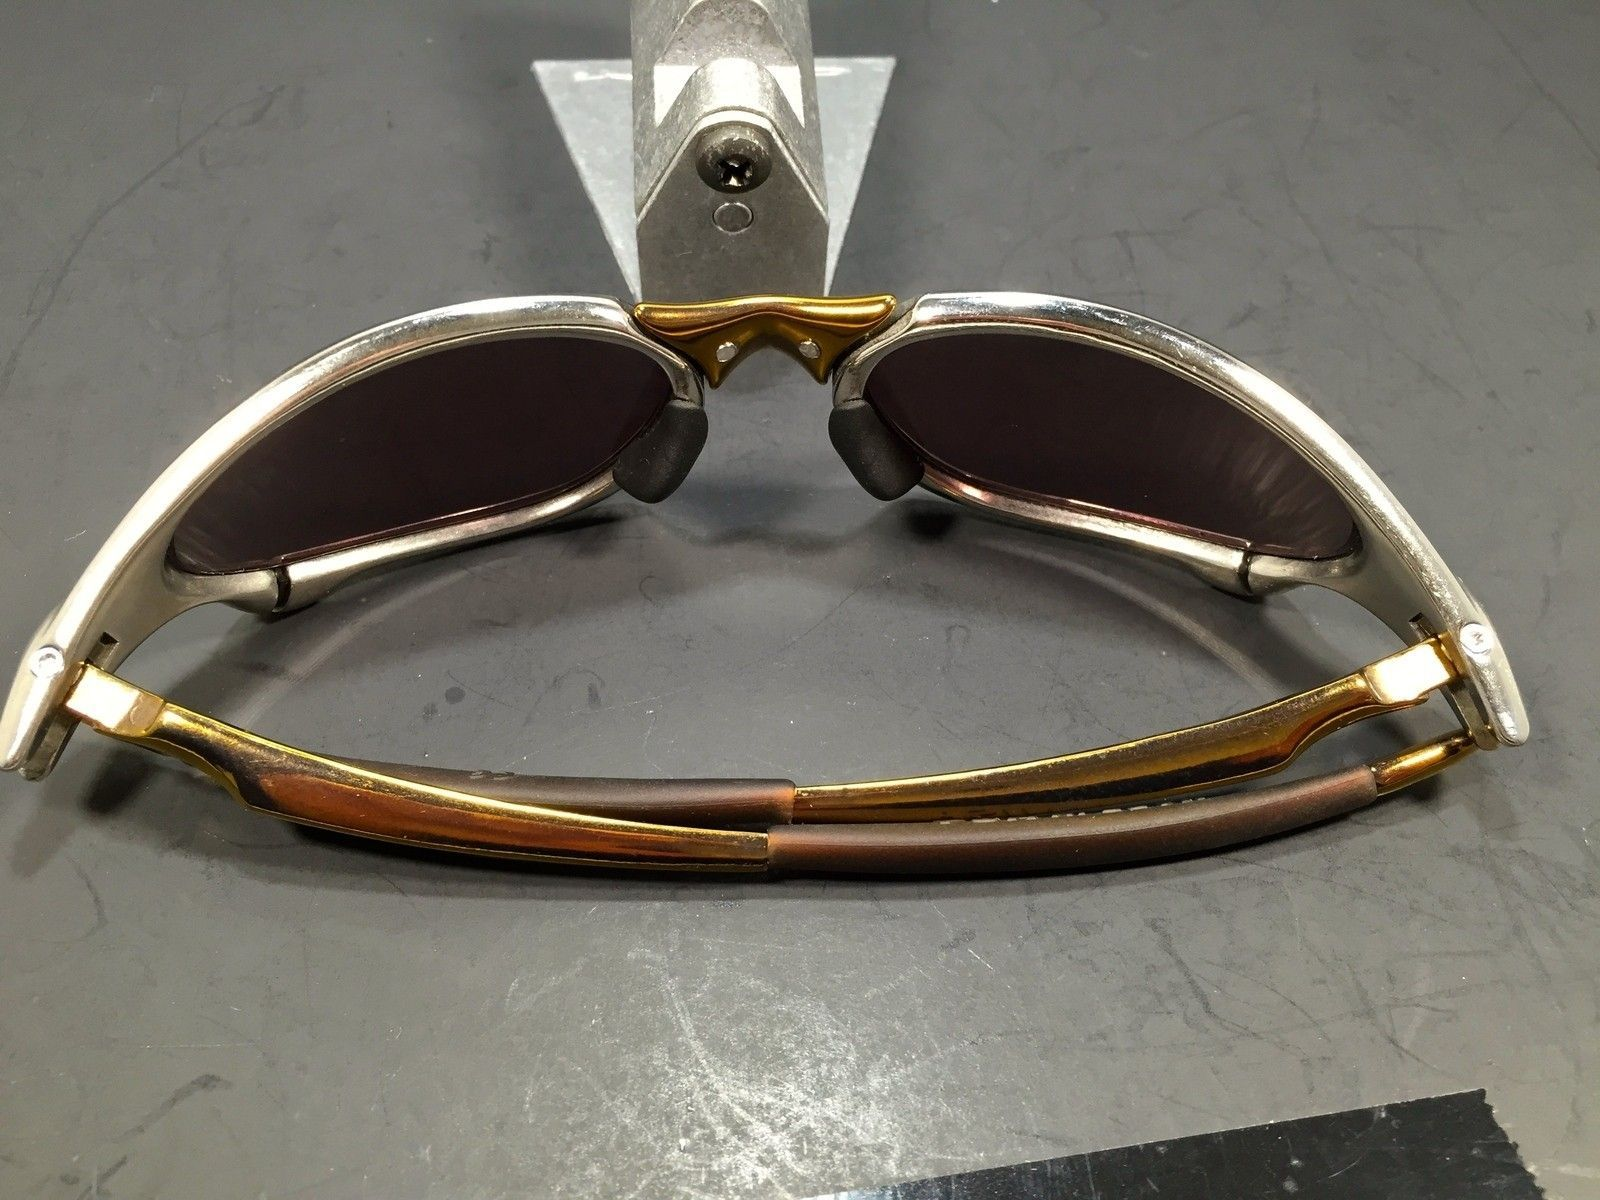 Anodized Ti-Cu Polished Penny w/ Prizm Daily Polar Lenses - IMG_2153.JPG